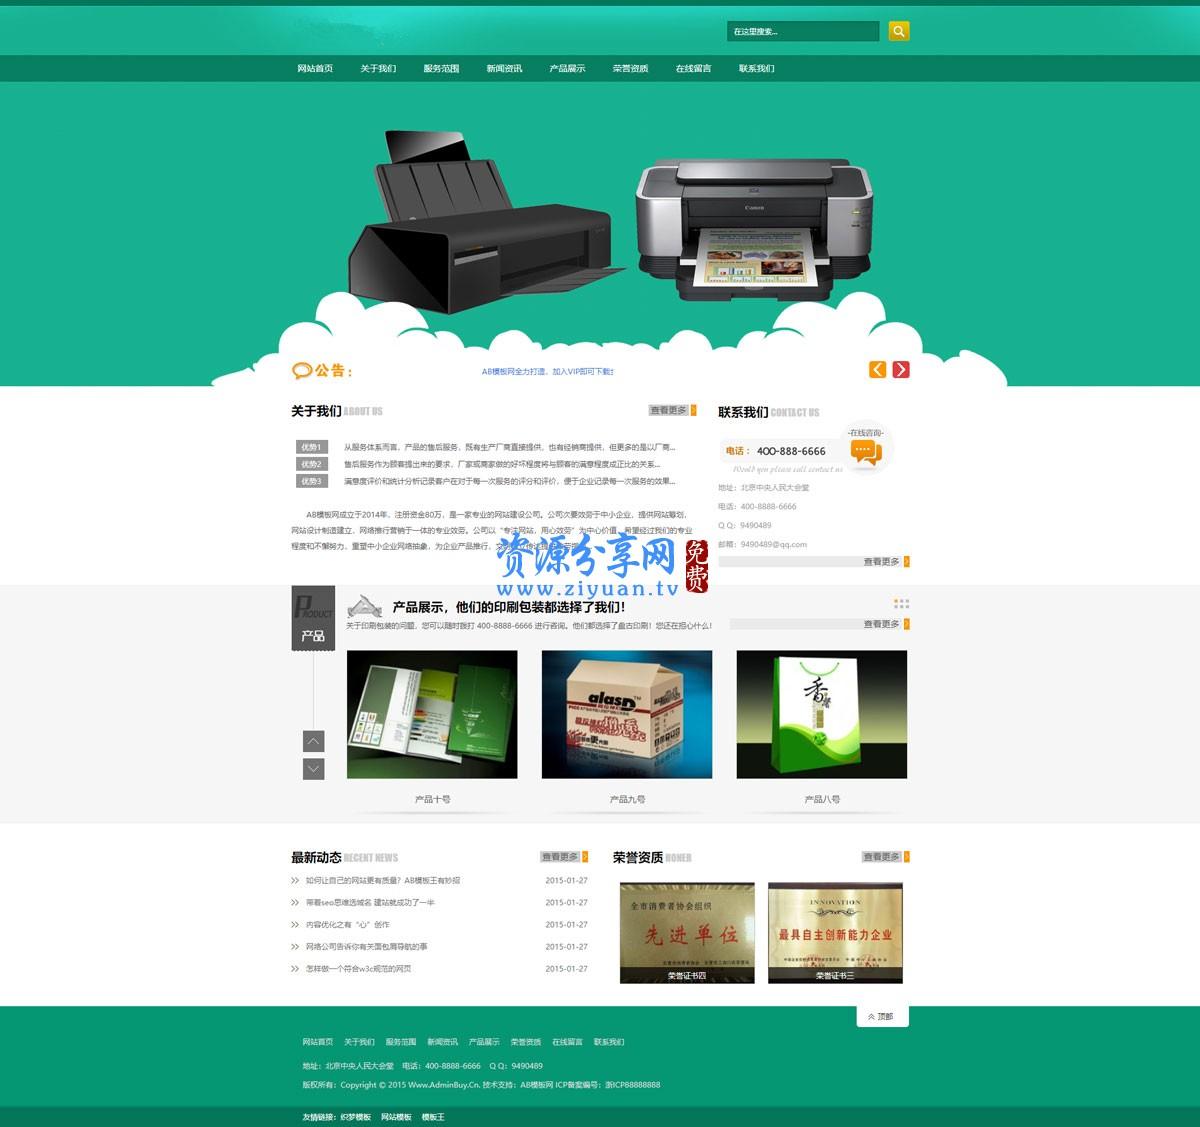 打印机制造企业网站模板 绿色印刷设备类网站织梦 dede 模板源码